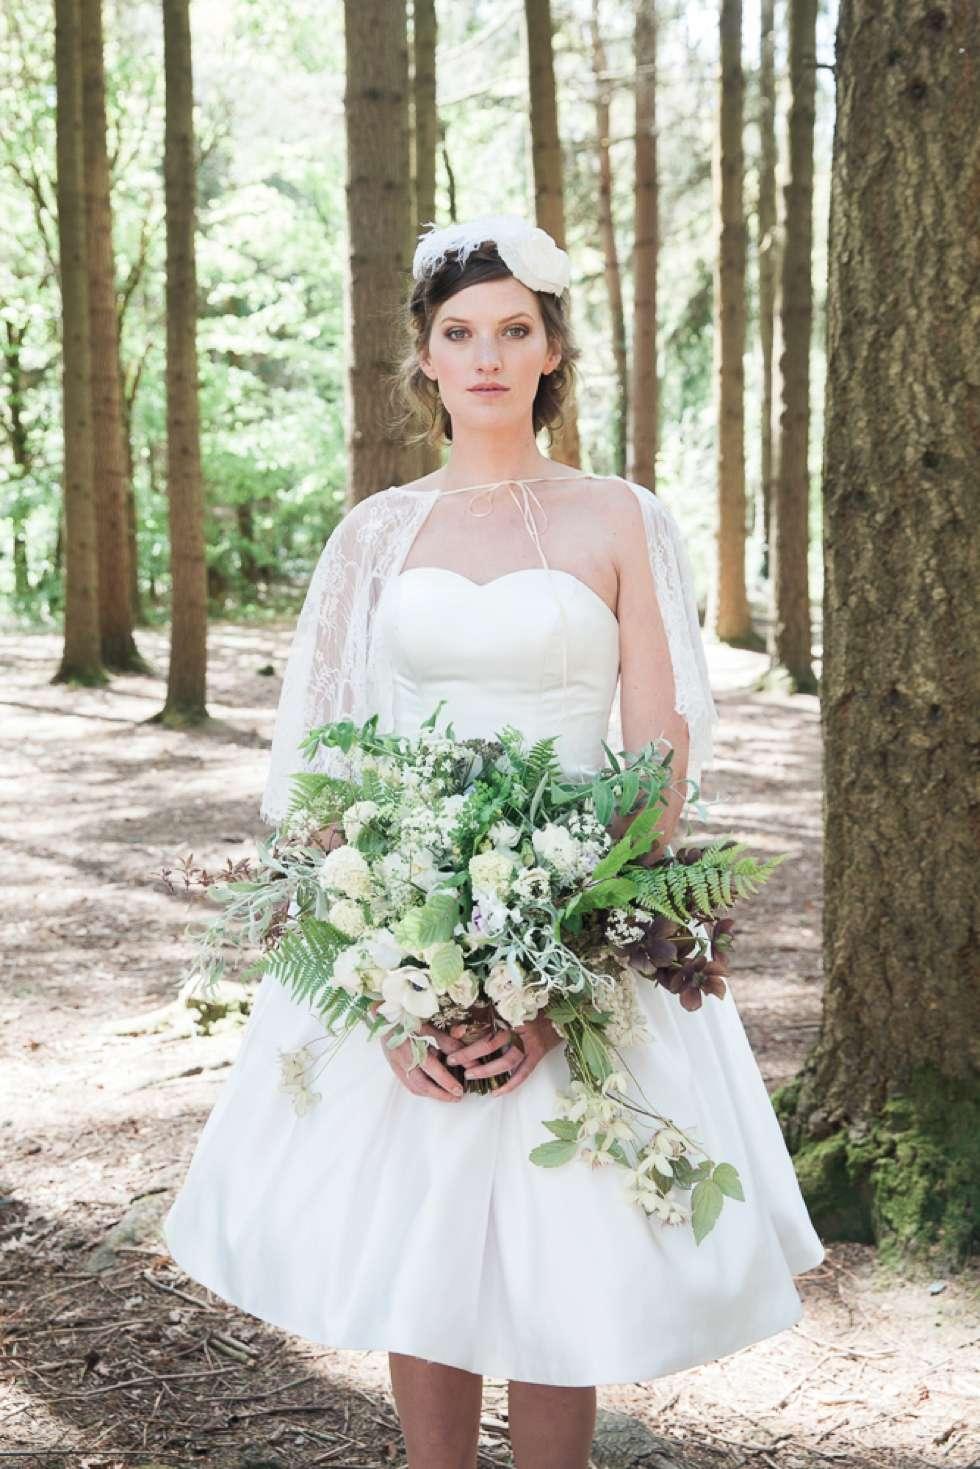 Bridal-Fashion-Shoot-Stove-Woods-Exeter-0002